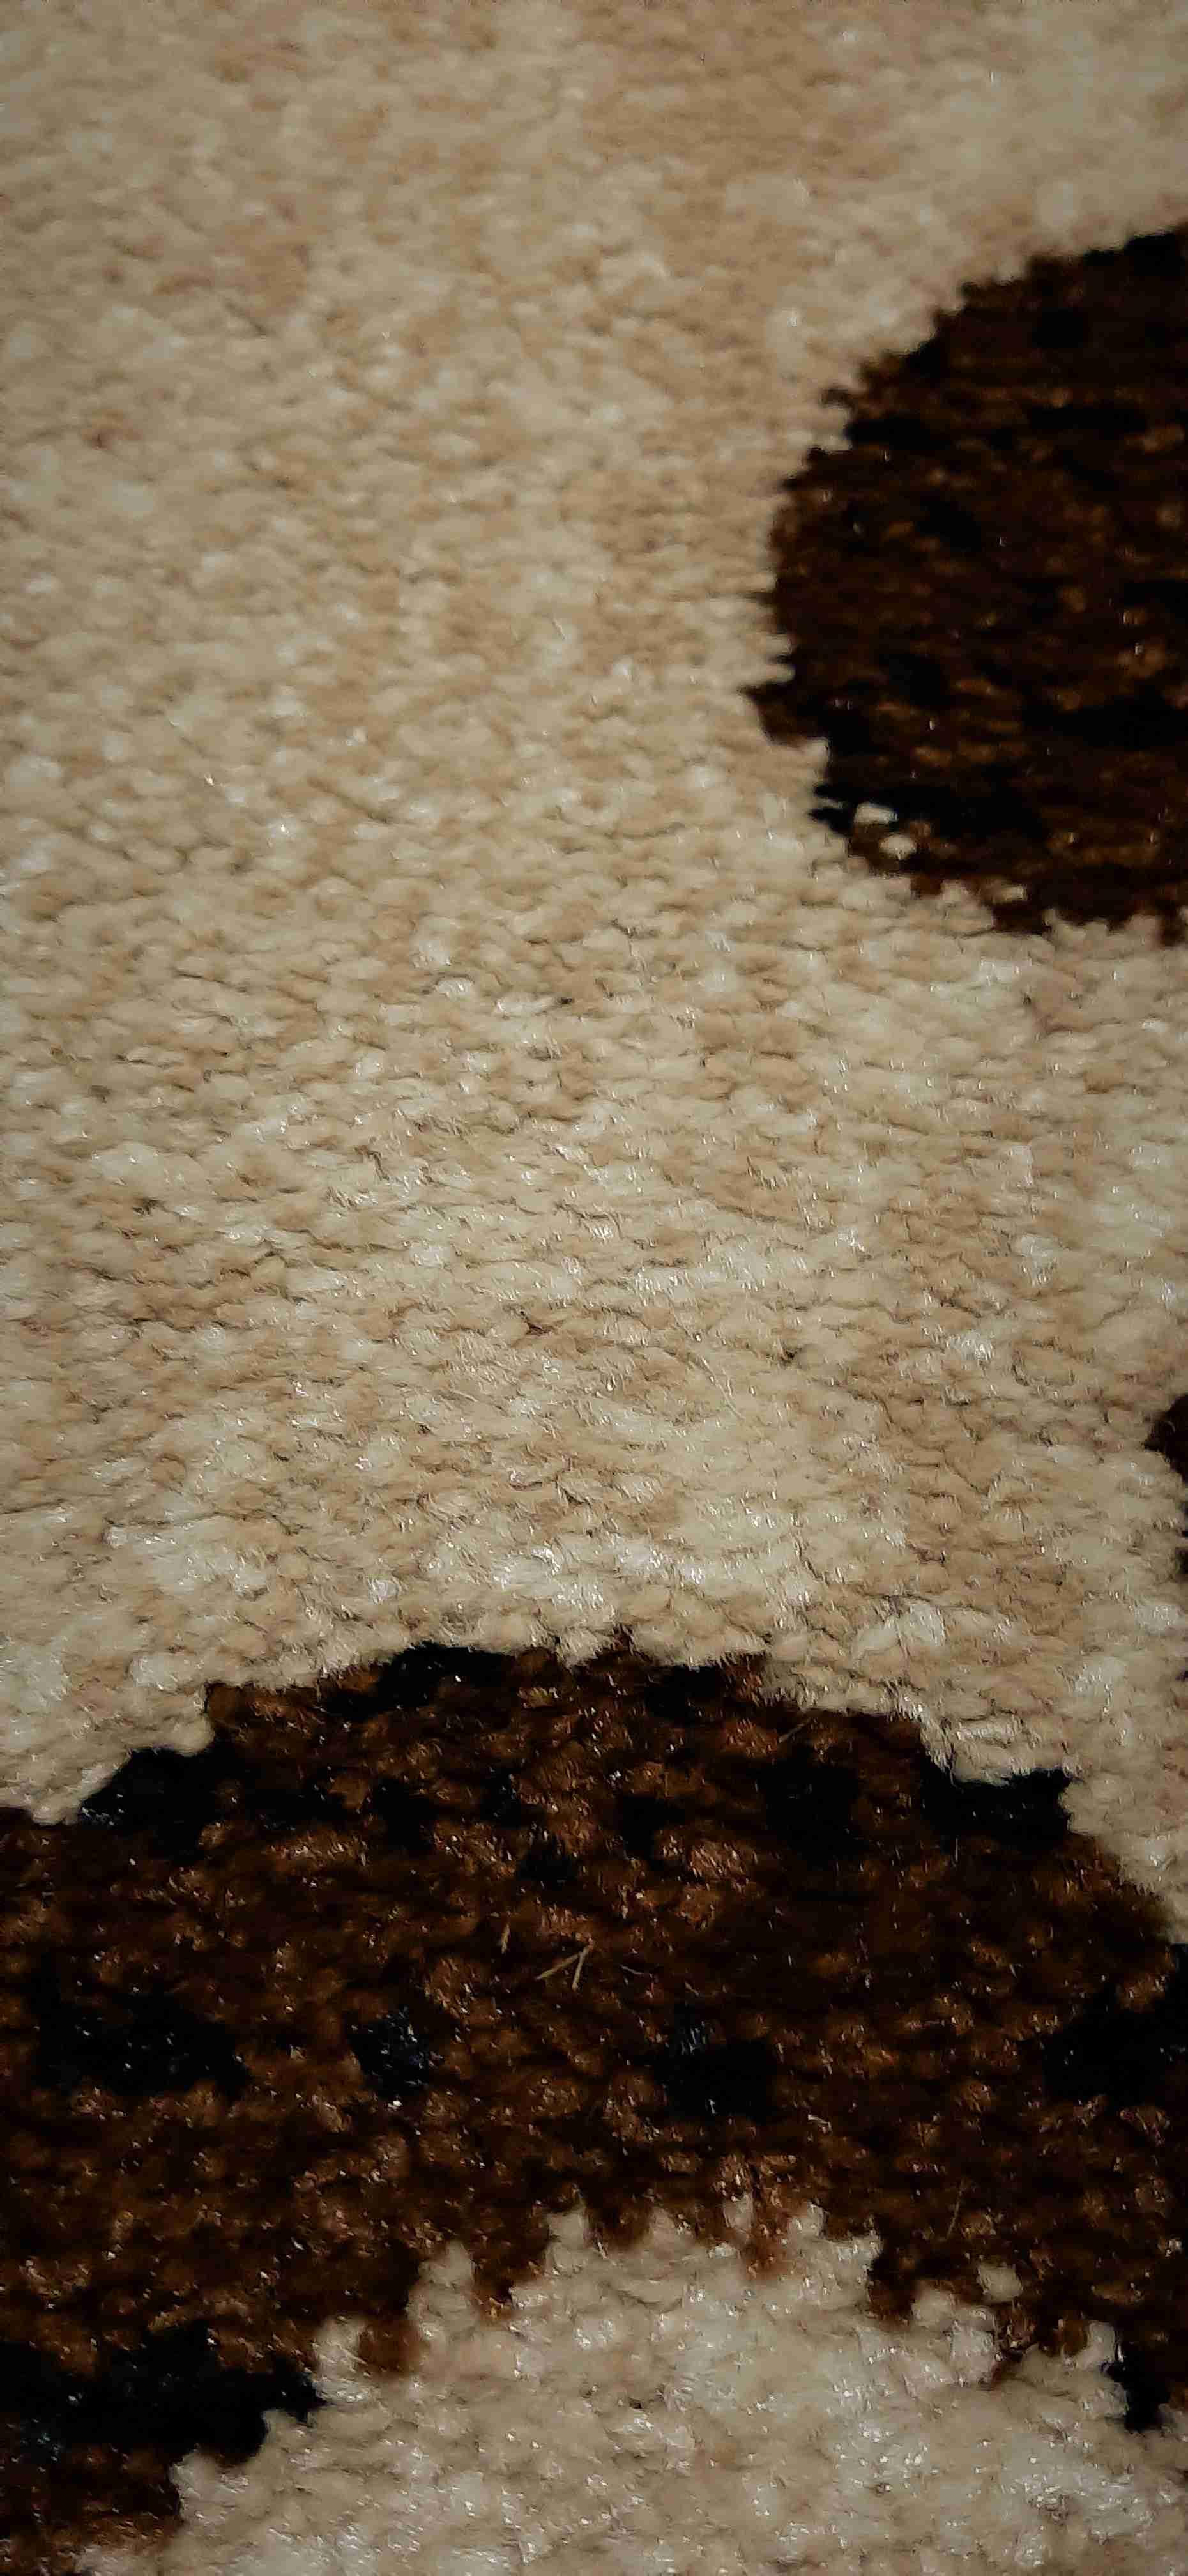 Traversa Covor, Cappuccino 16028-118, Bej / Maro, 60x600 cm, 1800 gr/mp4